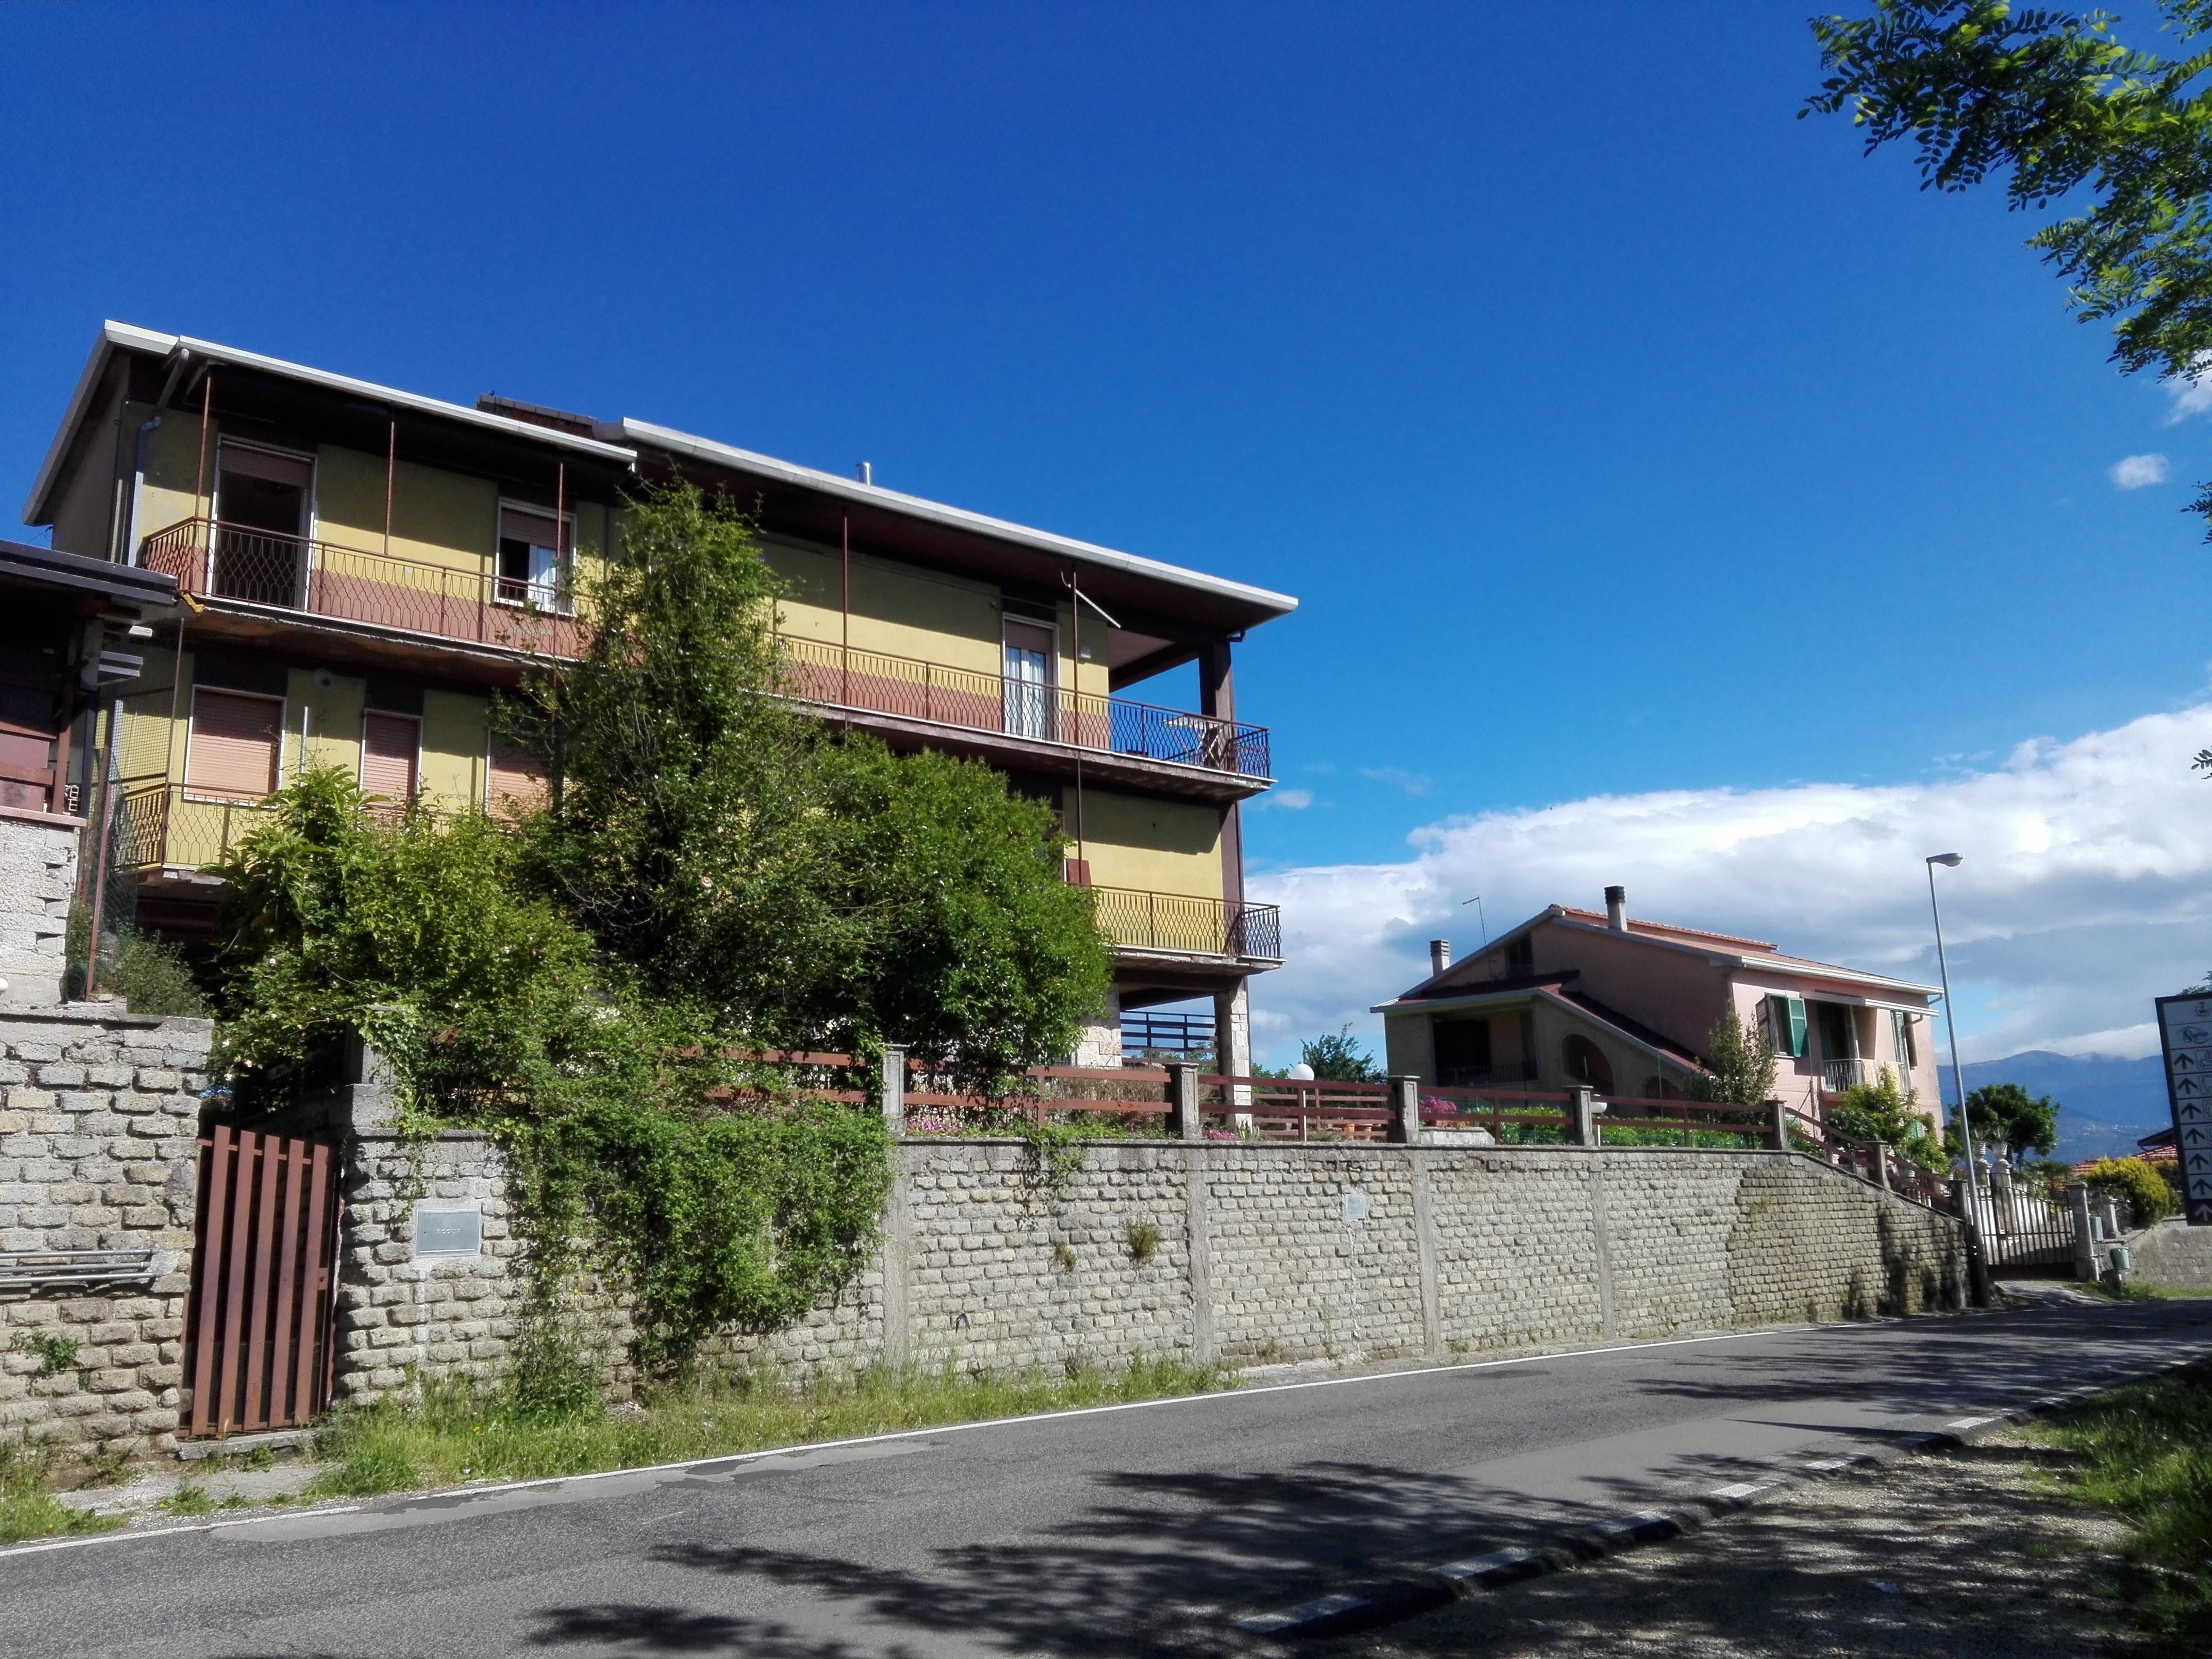 Supino, 2 Appartamenti con giardino